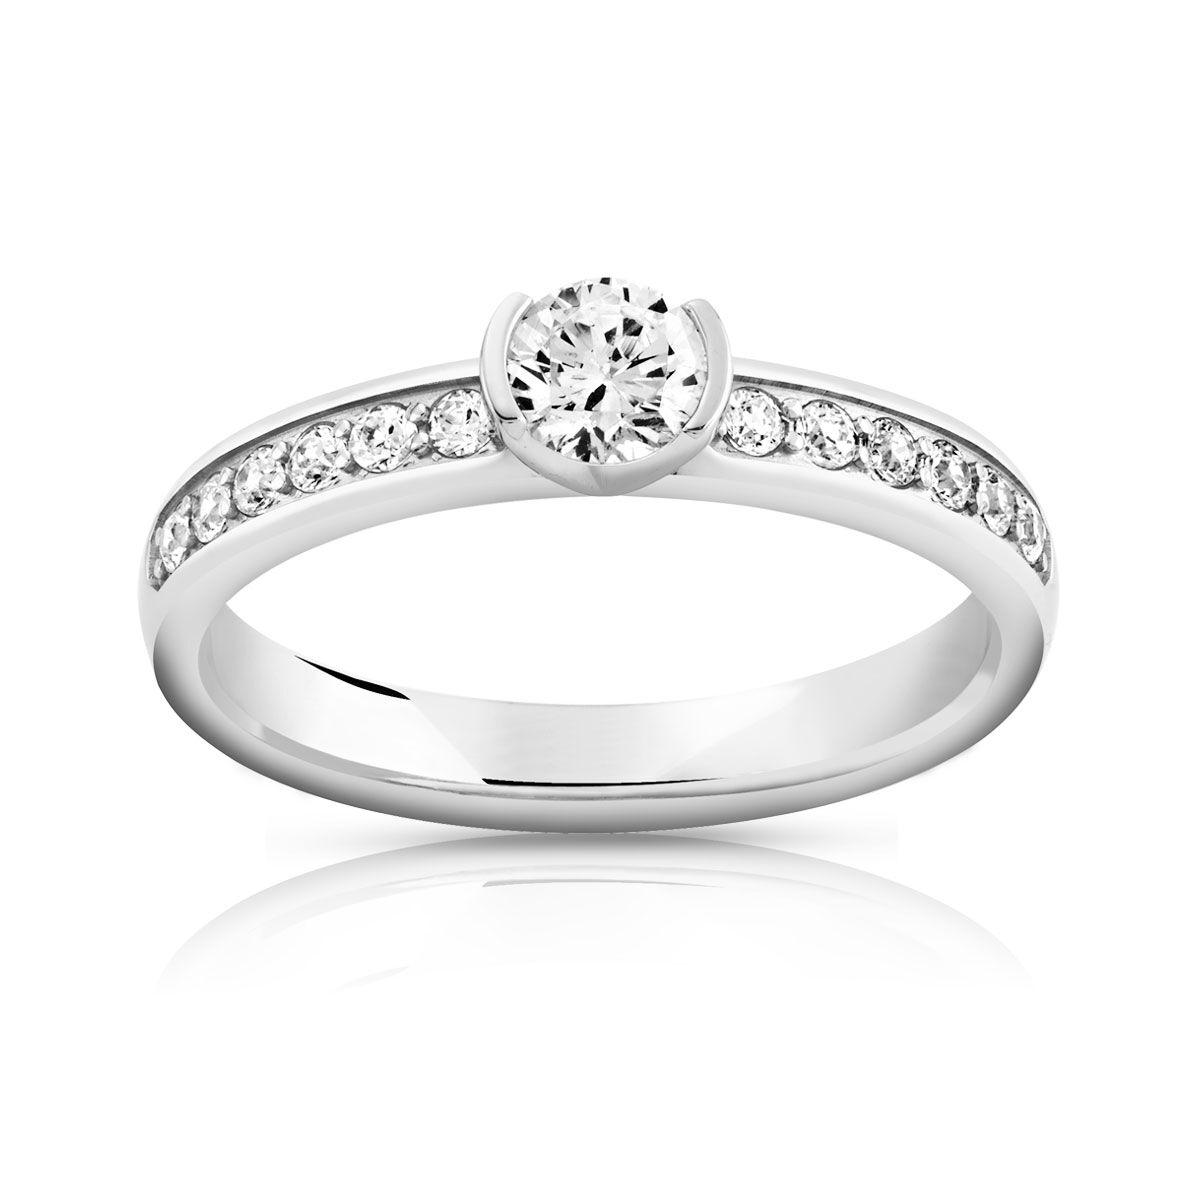 MATY Bague solitaire or 750 blanc diamant 50/100e de carat- MATY